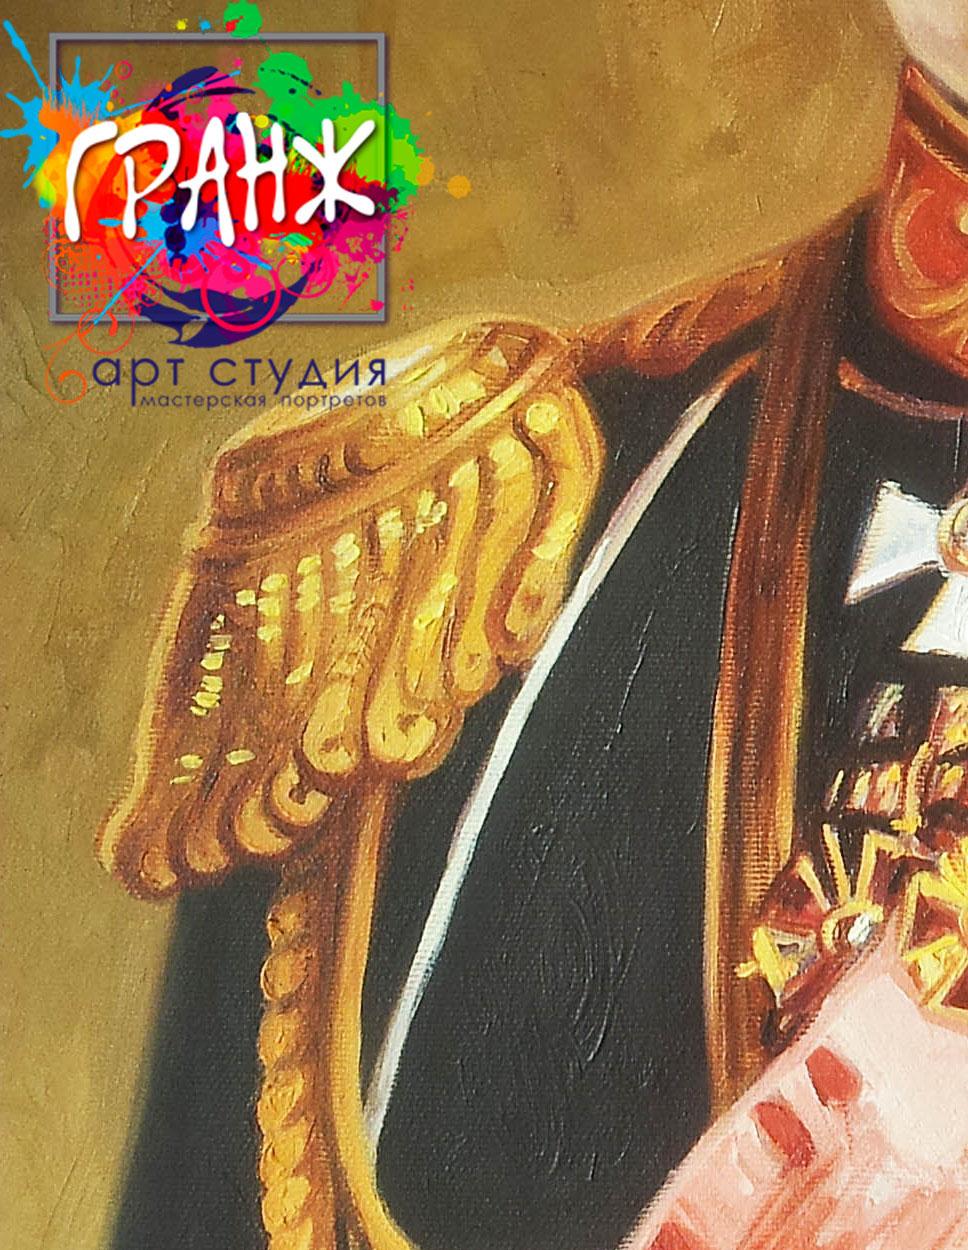 Заказать портрет маслом по фотографии в Иркутске